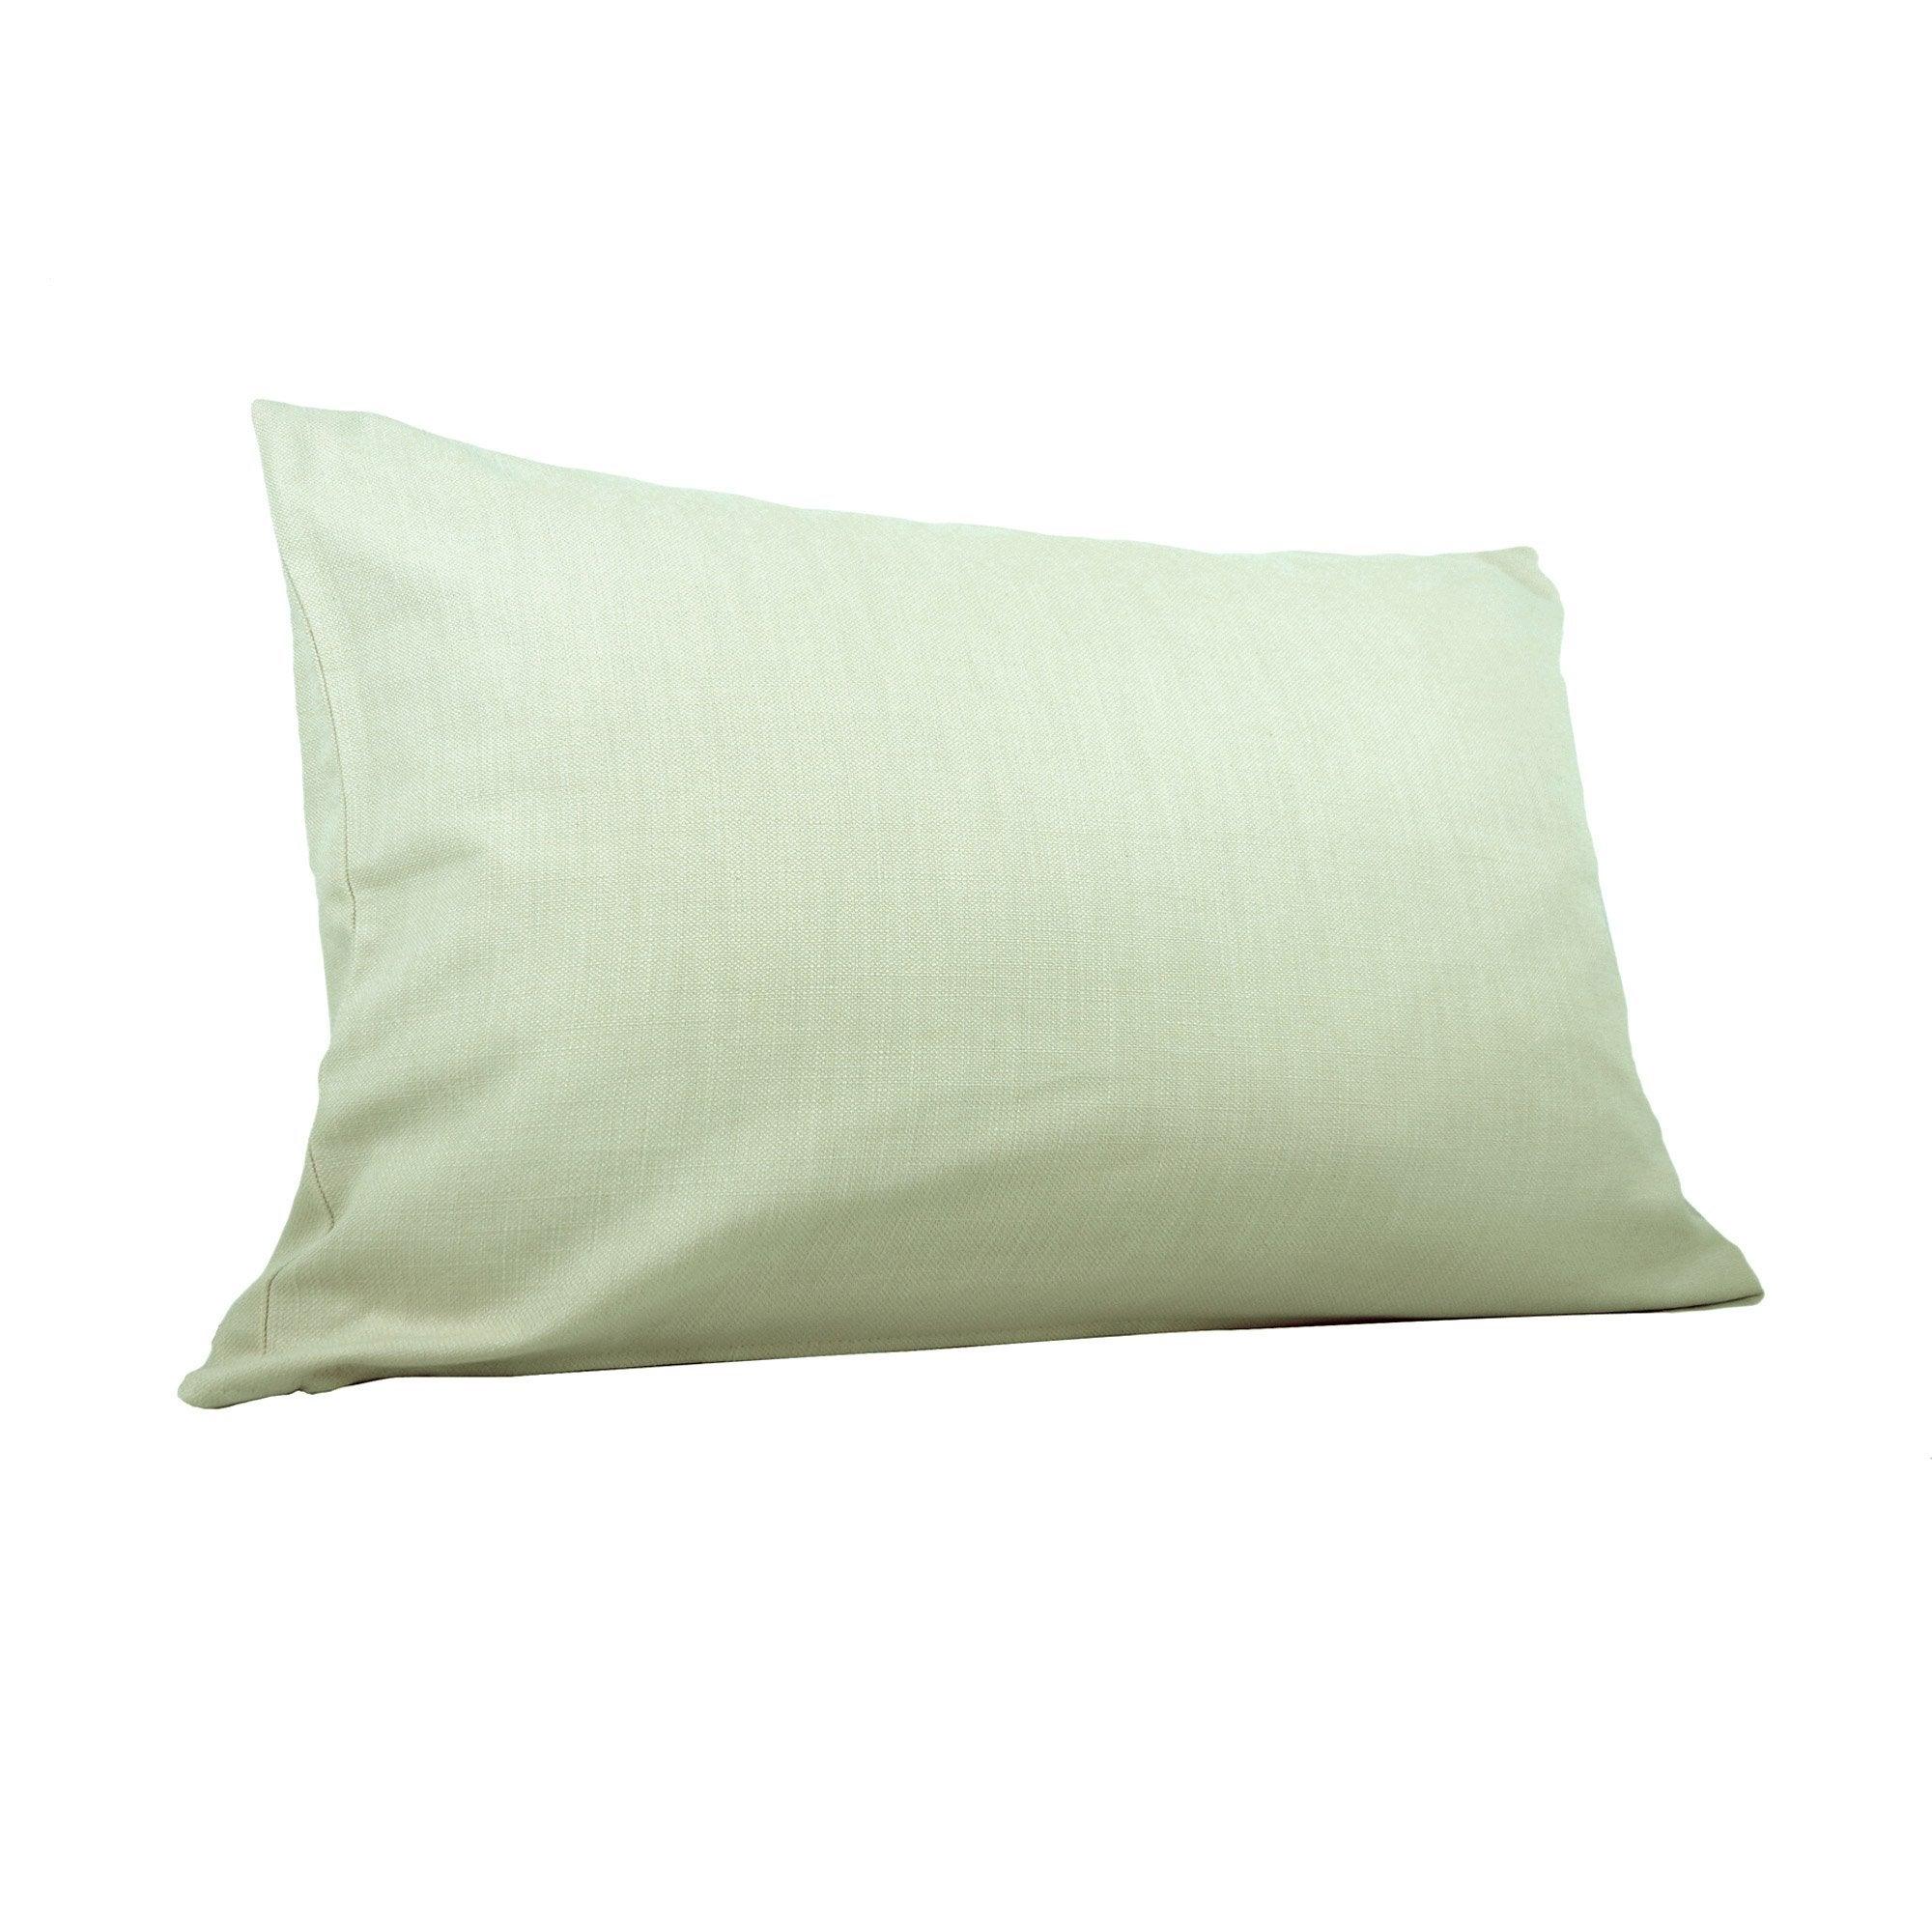 Coussin Savanna, vert sauge l.60 x H.40 cm